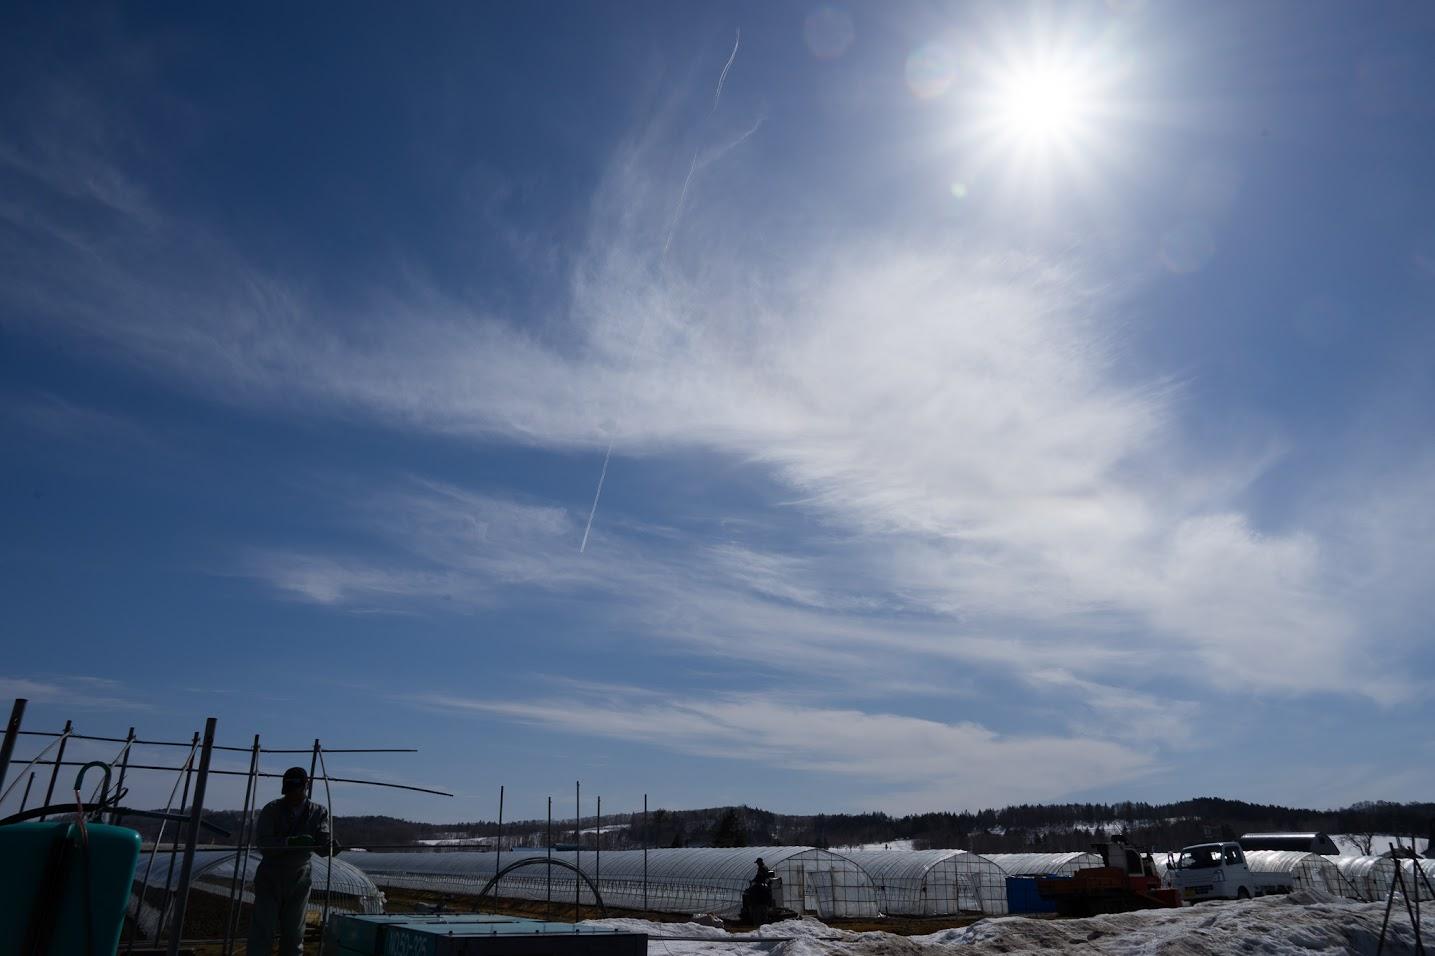 光の白線を引く飛行機雲